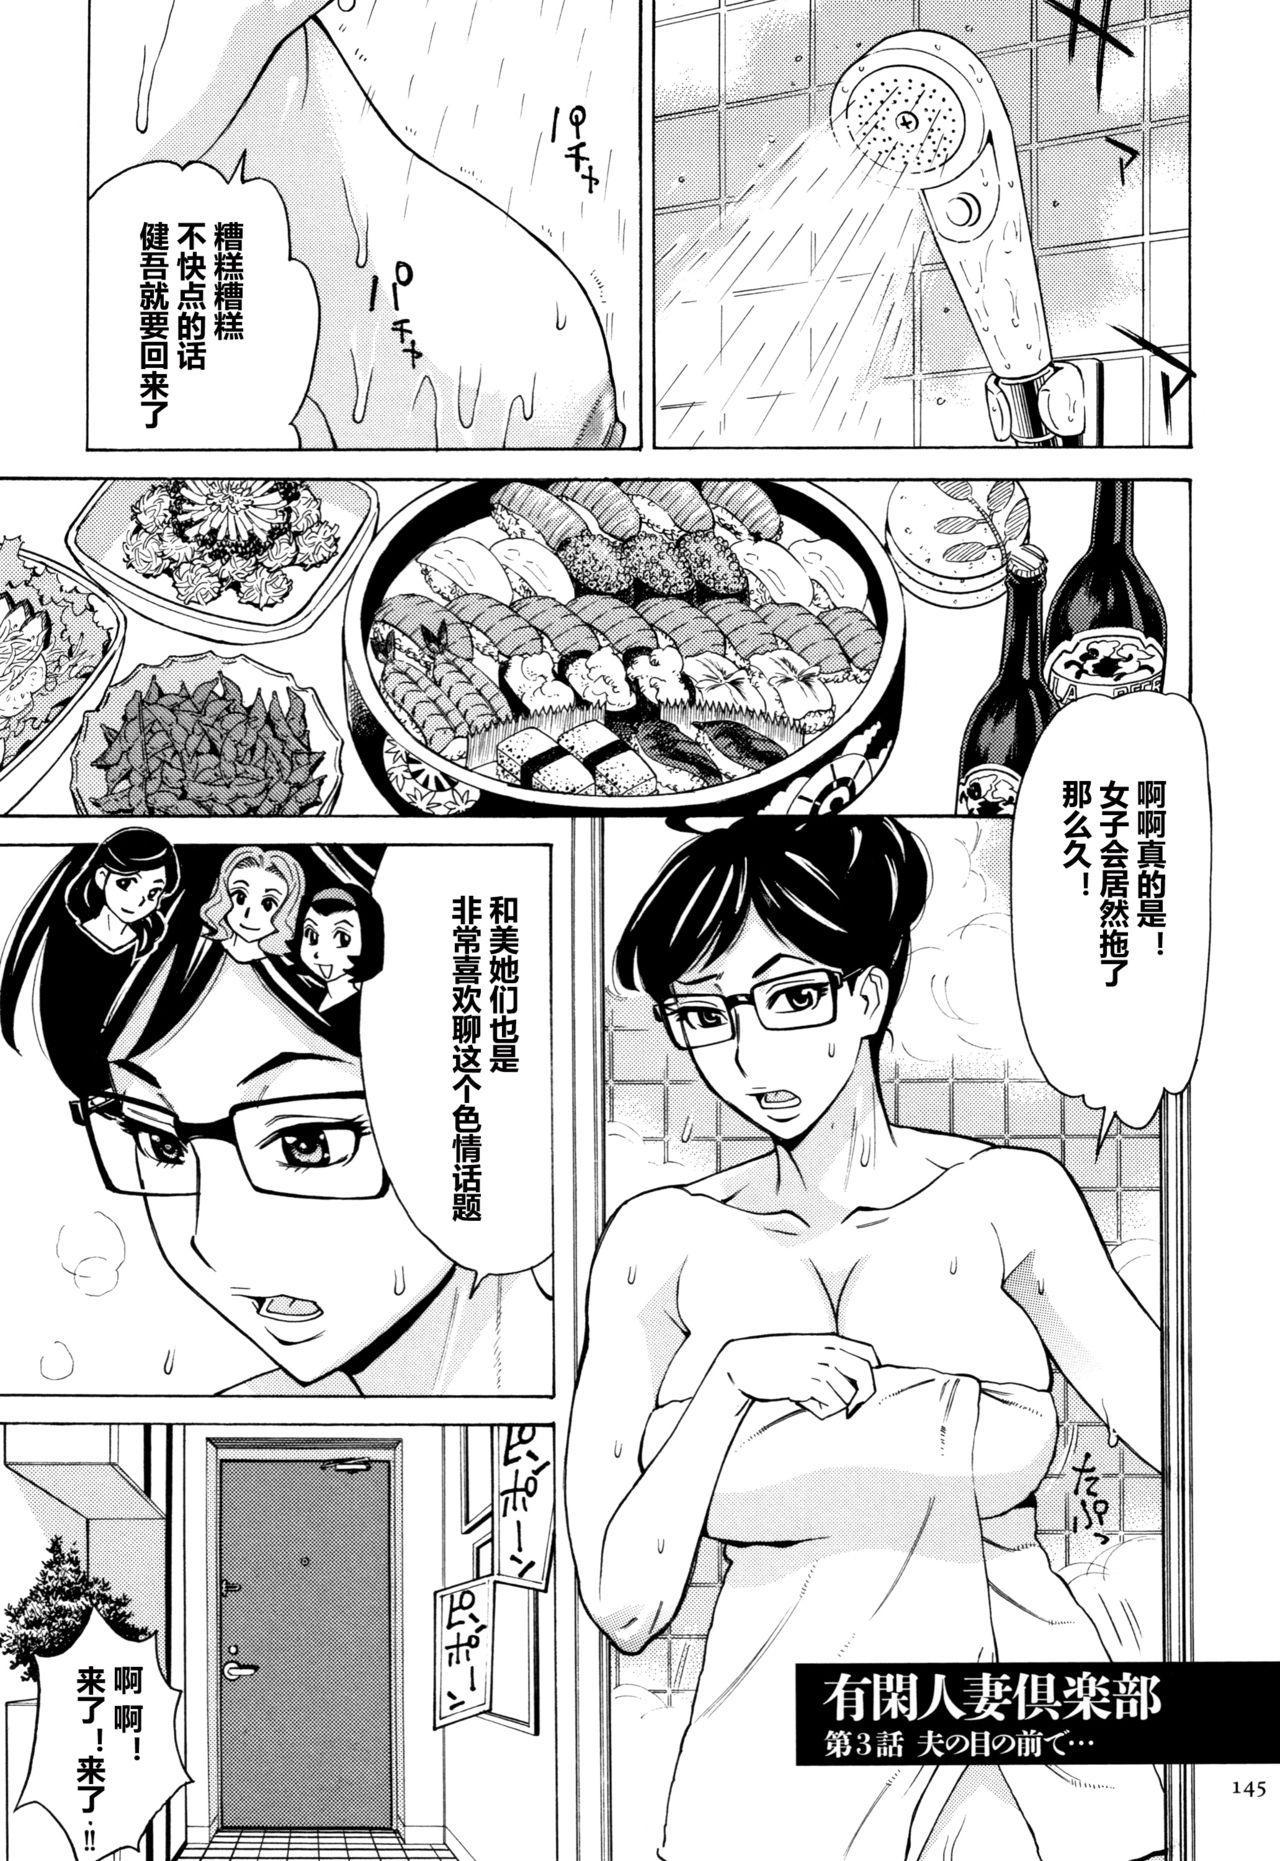 Oba-san dakedo, Daite Hoshii. 145